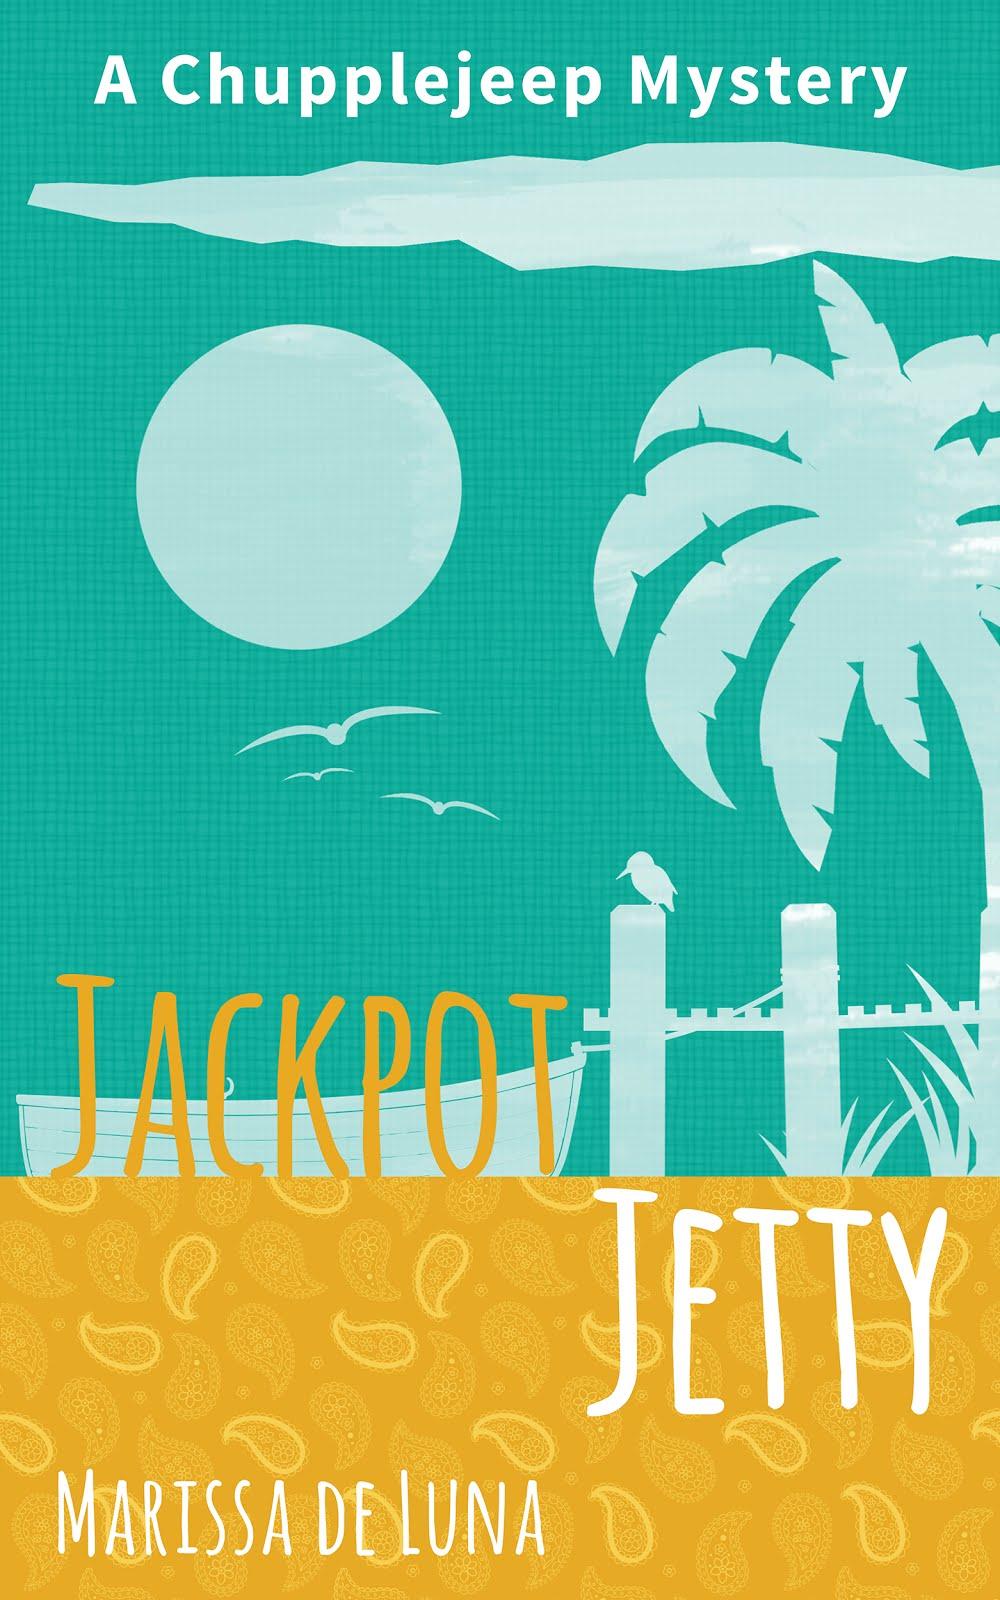 Jackpot Jetty